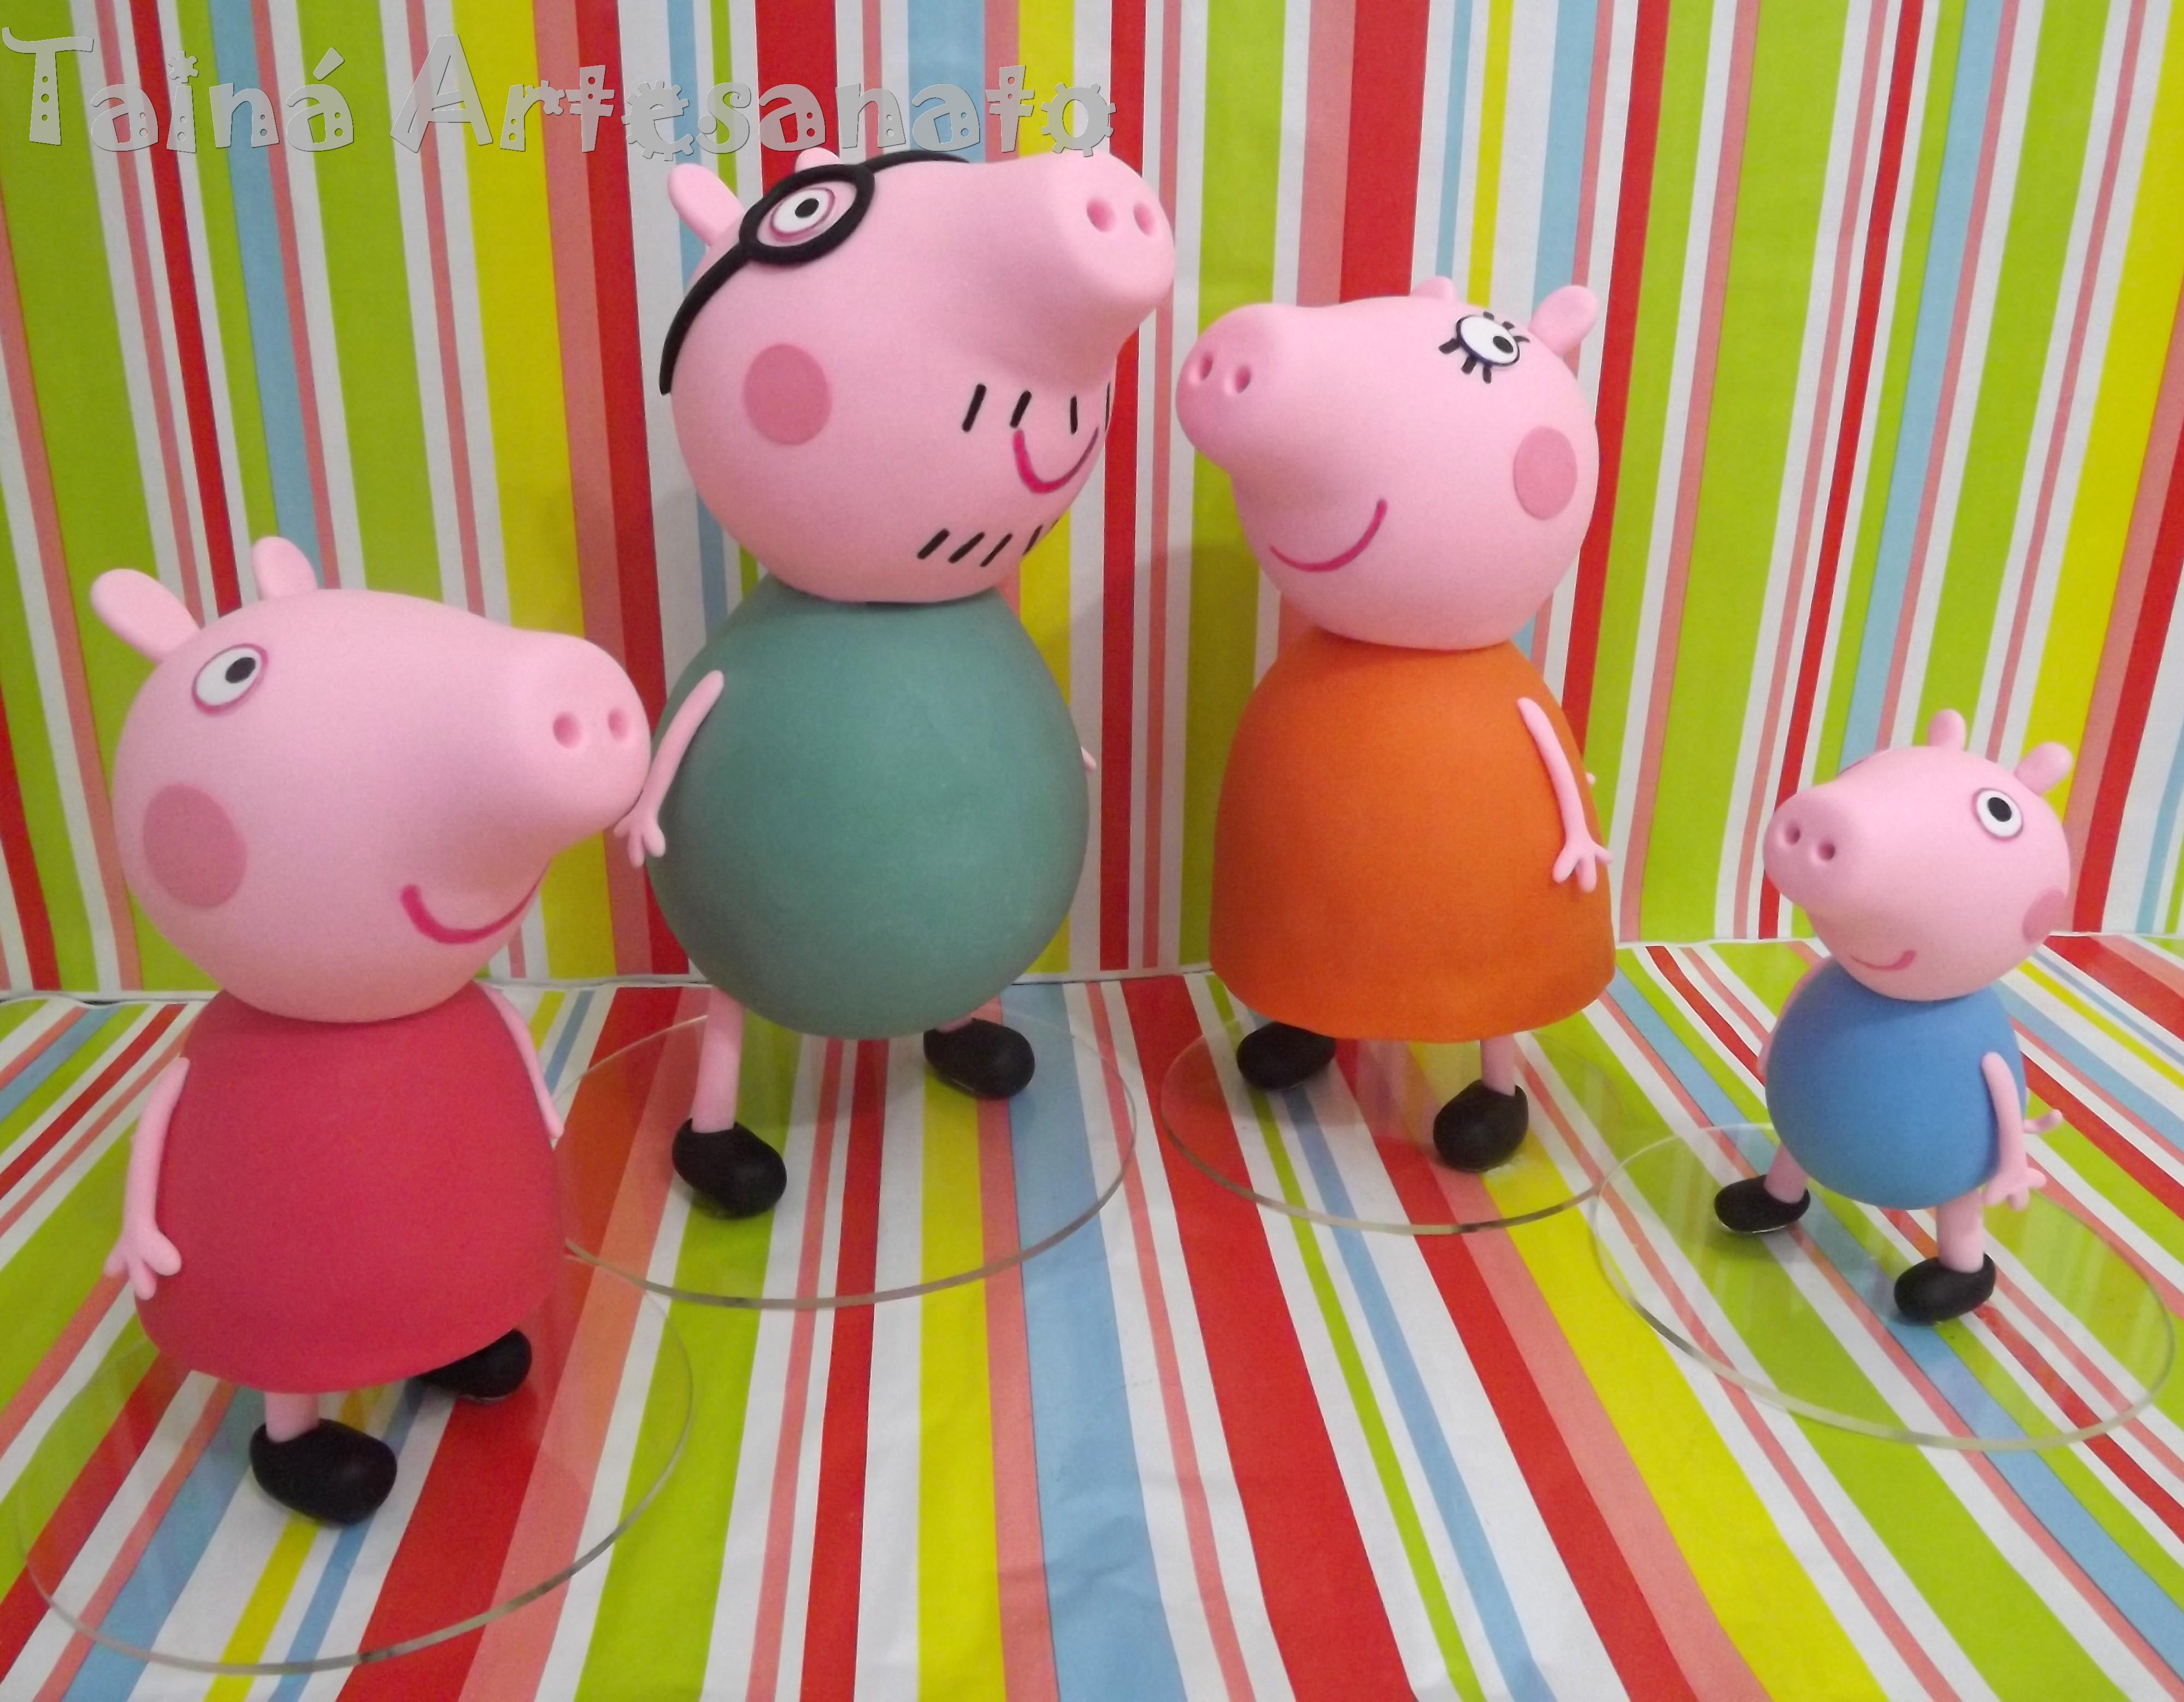 Familia Peppa Pig No Elo7 Taina Artesanato 3adcde